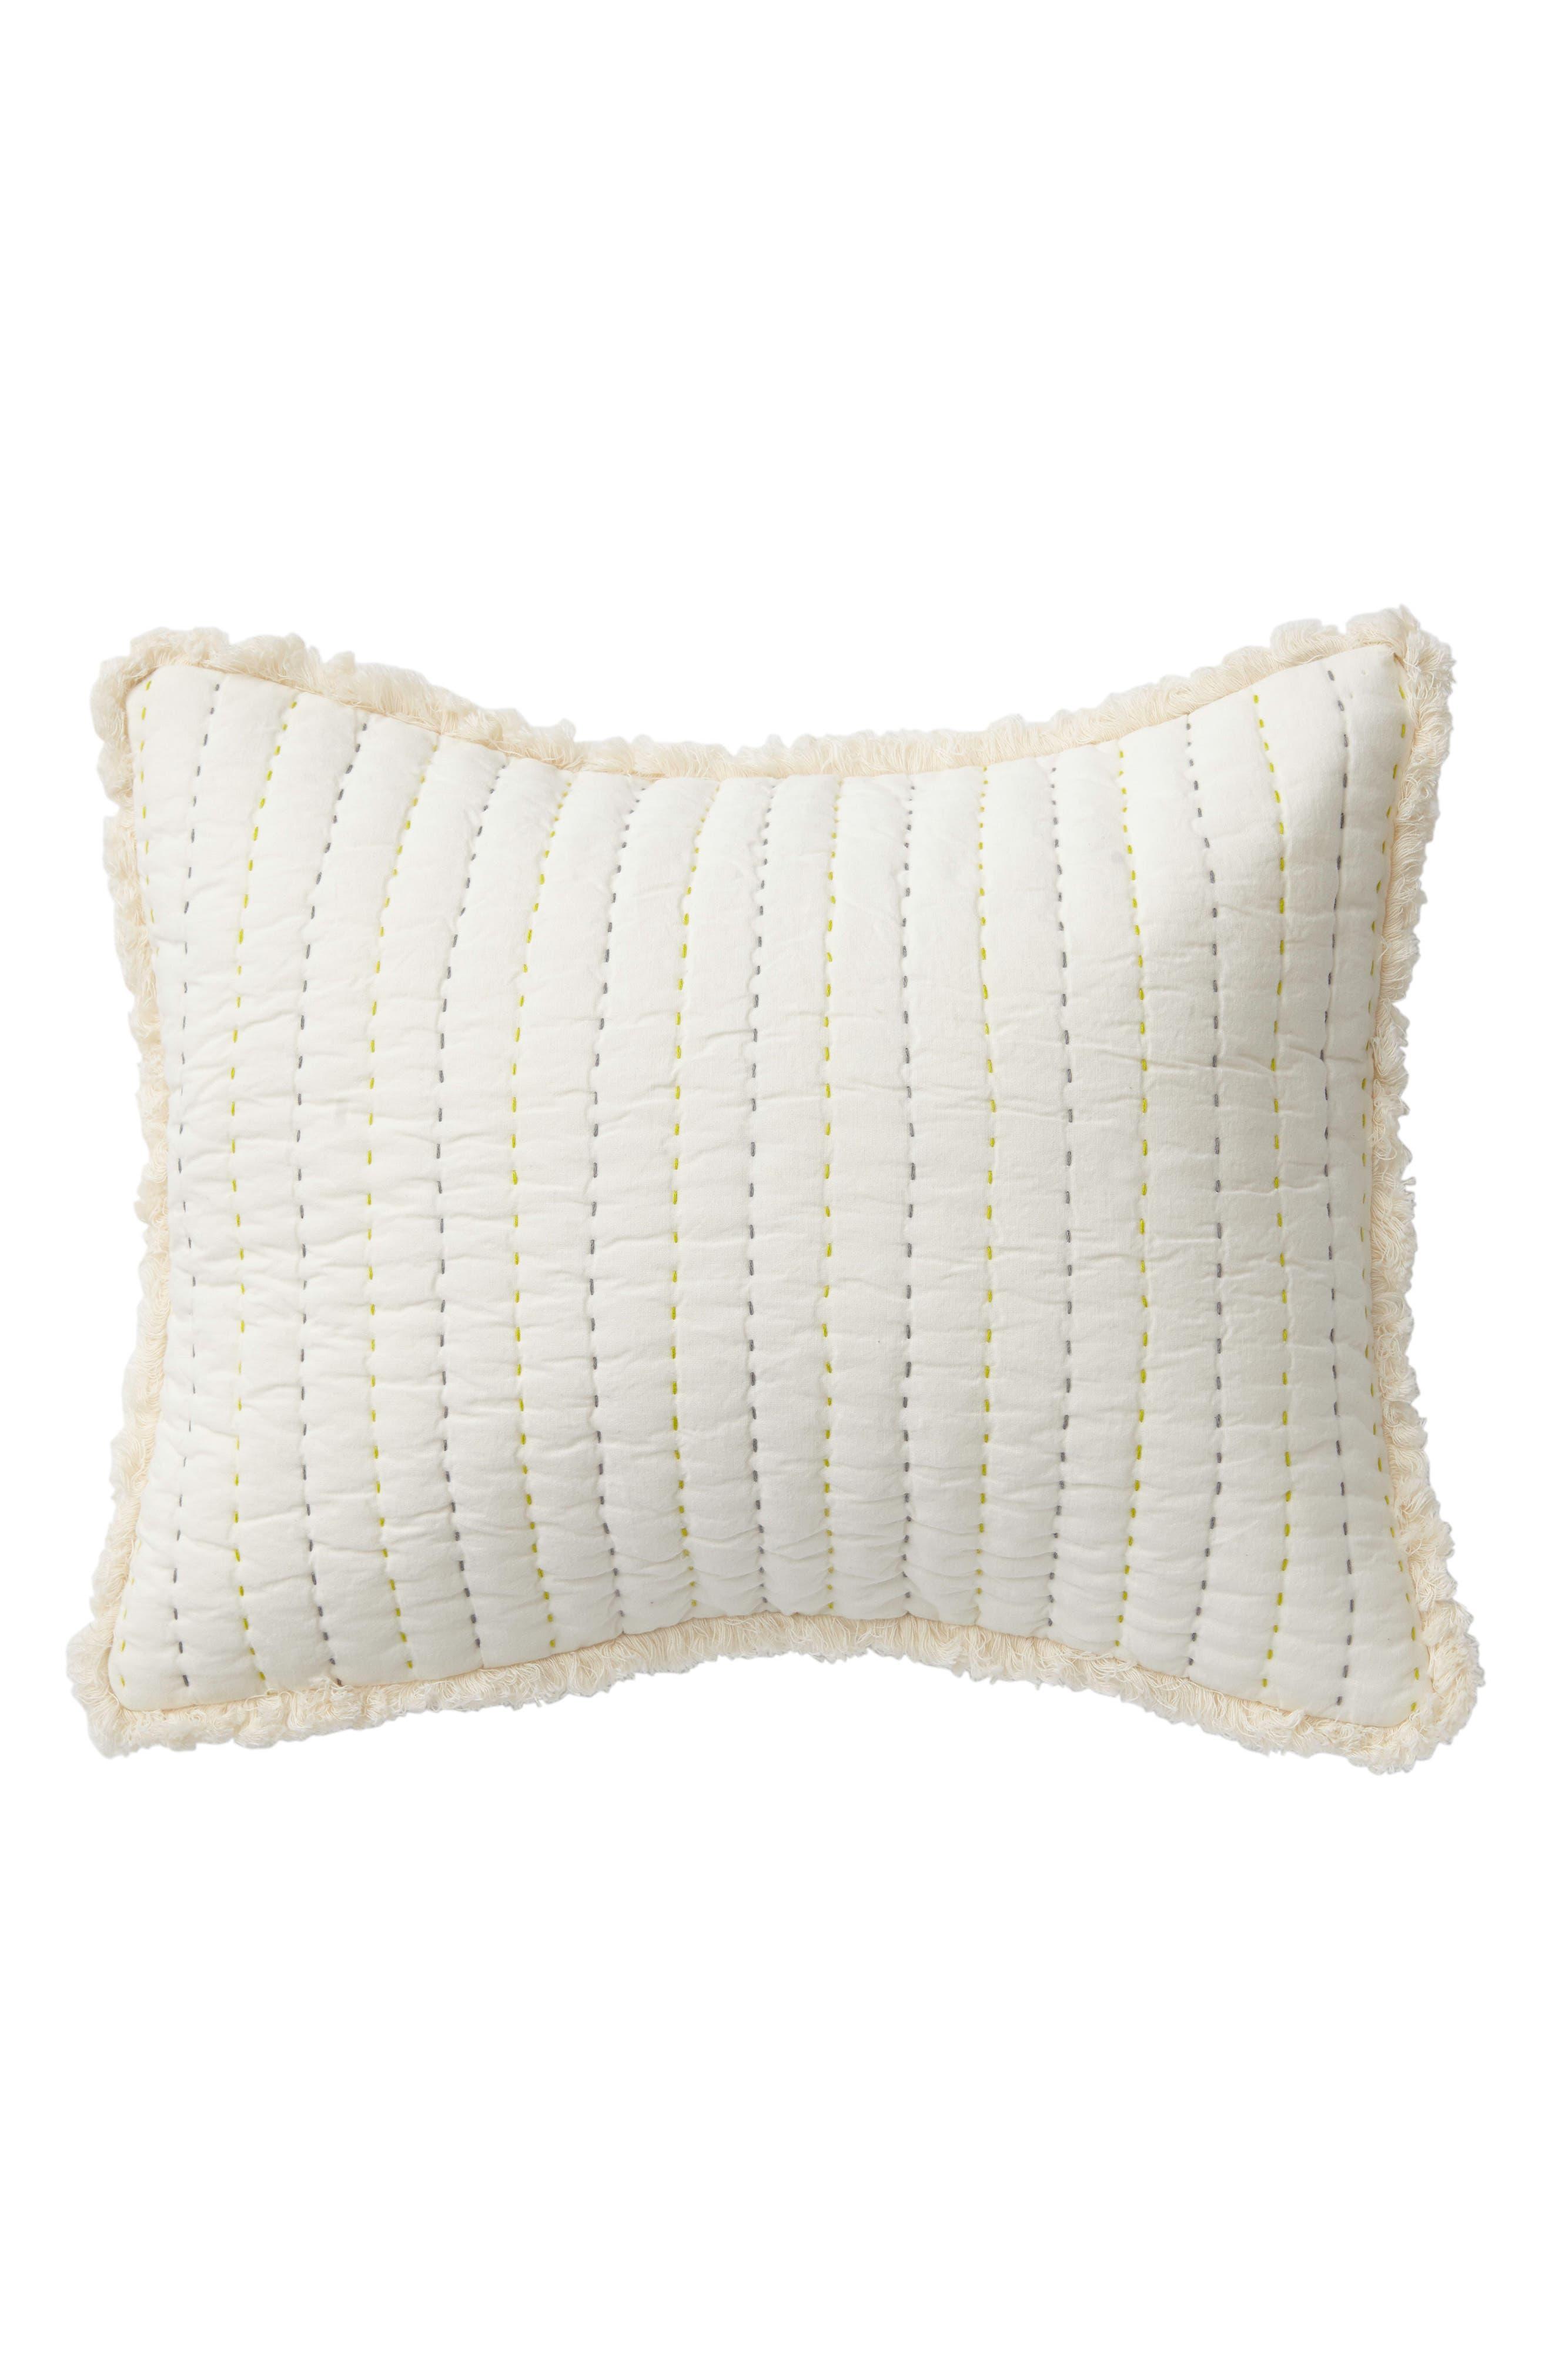 Little Peeps Pillow,                             Main thumbnail 1, color,                             020